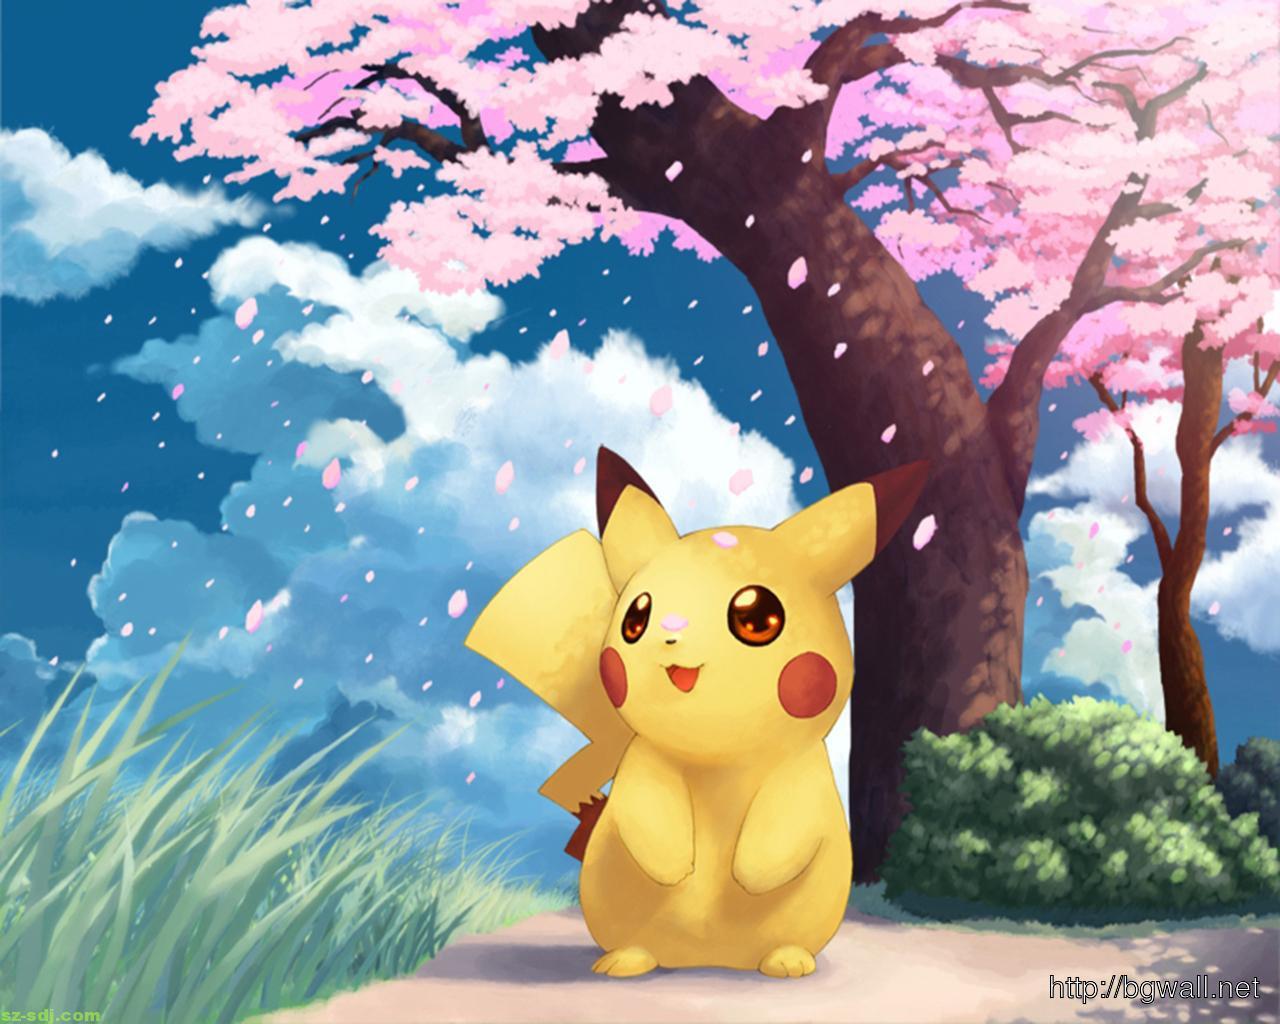 cute-pikachu-pokemon-wallpaper